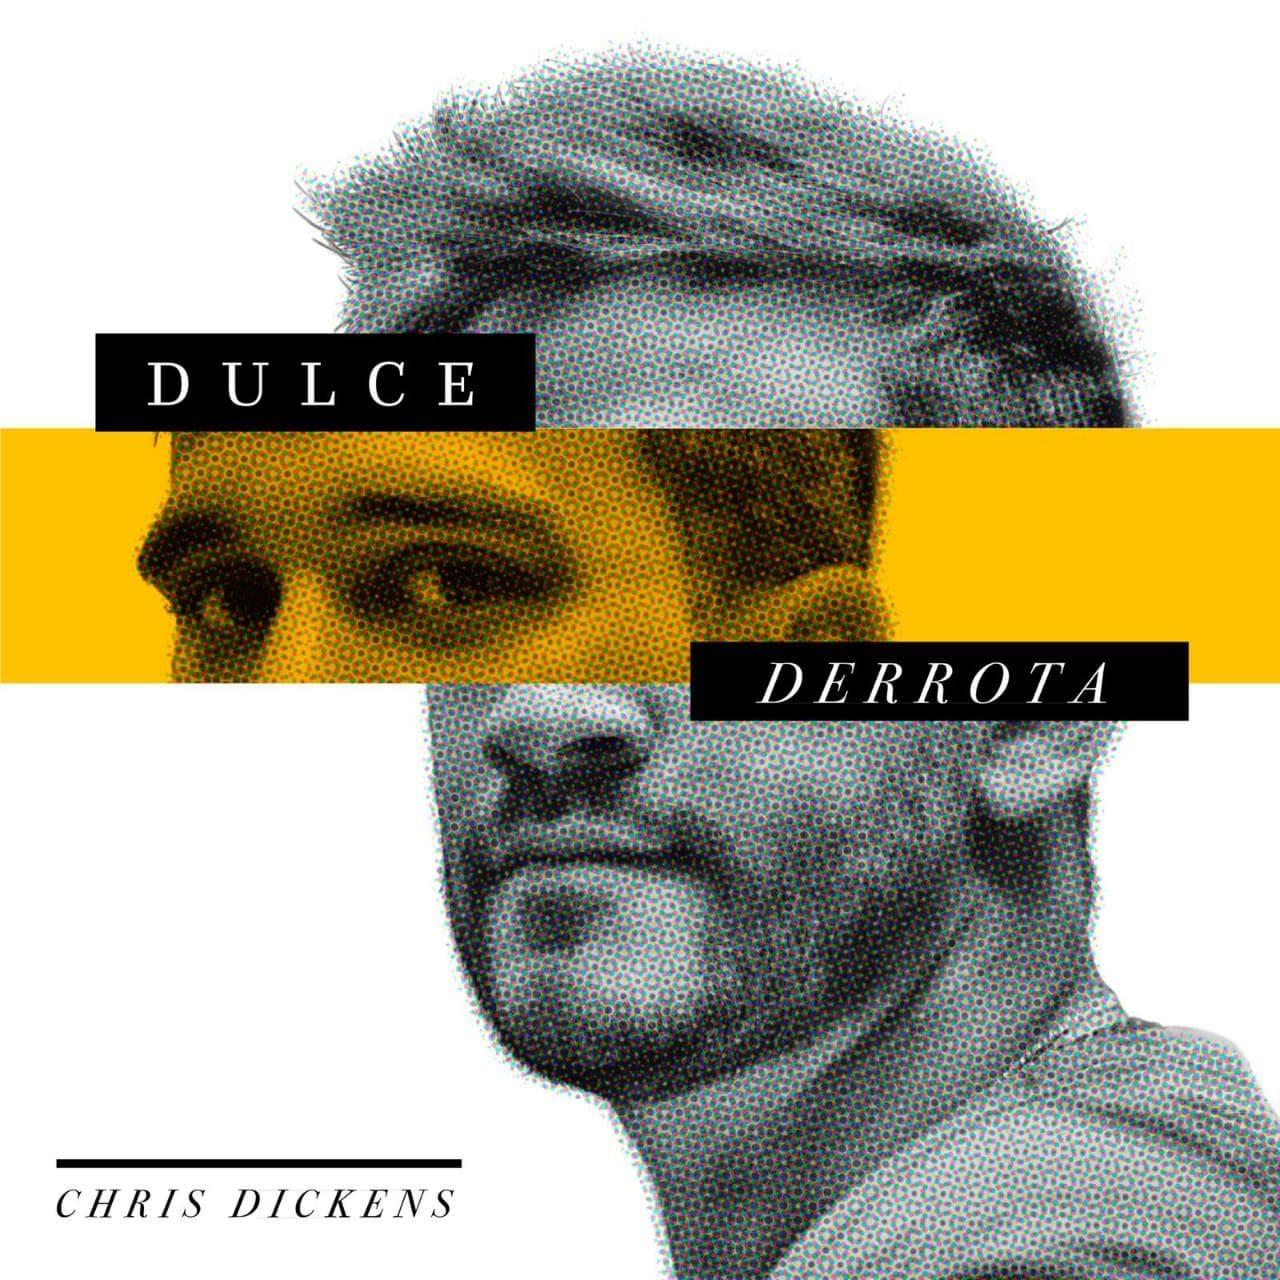 Chris Dickens médico y cantante guayaquileño radicado en Buenos Aires.